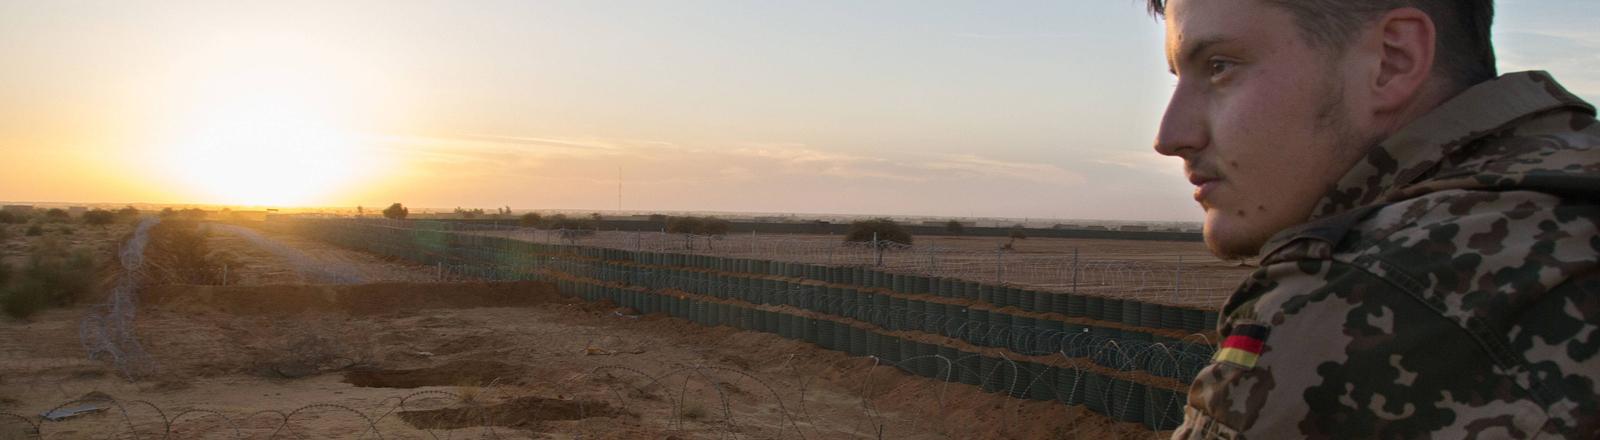 Bundeswehrsoldat der UN-Mission Minusma im Lager in Gao/Mali